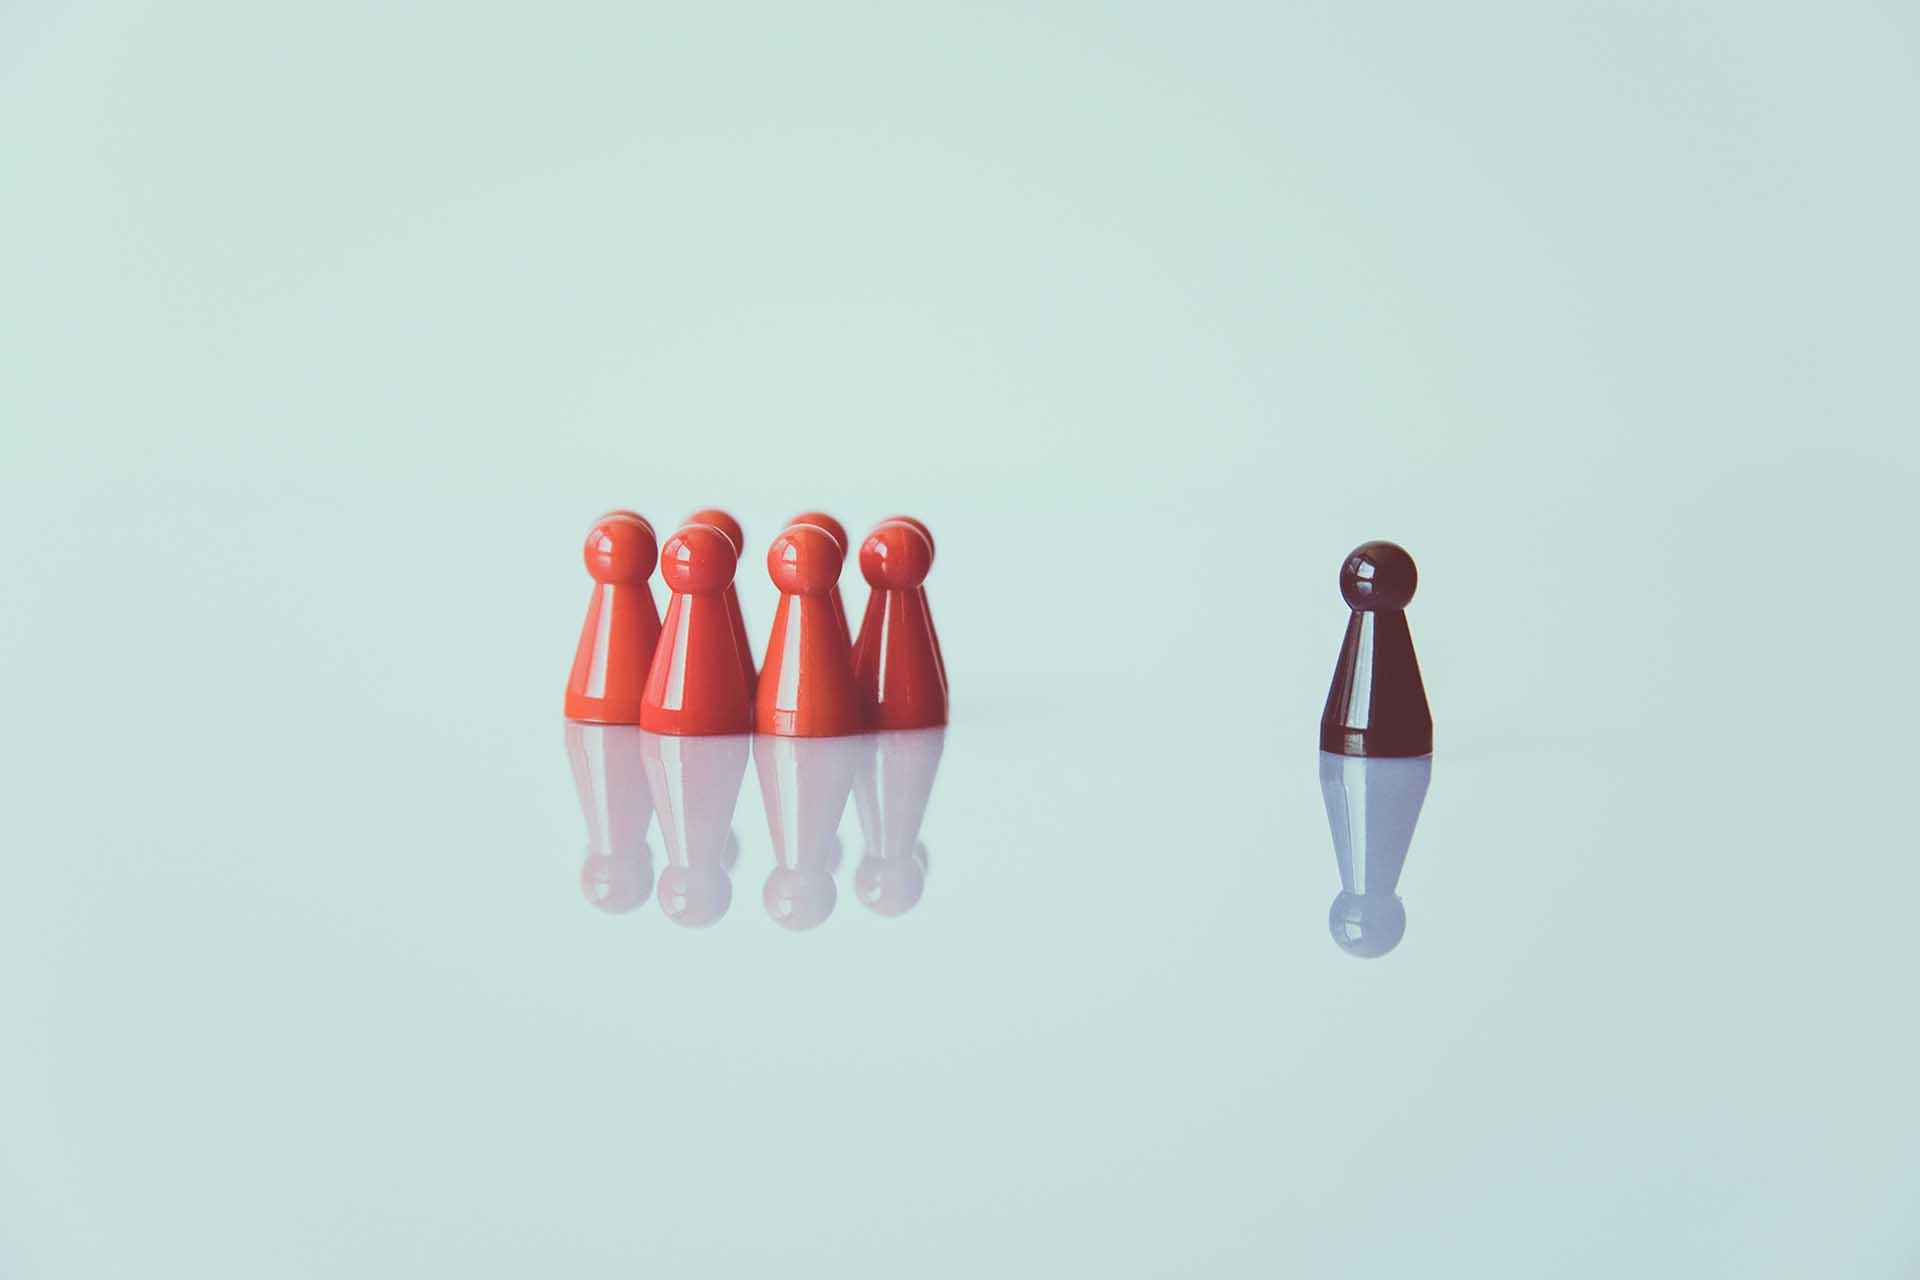 t2informatik Blog: Moderne Führung: Wenn nichts läuft wie geplant